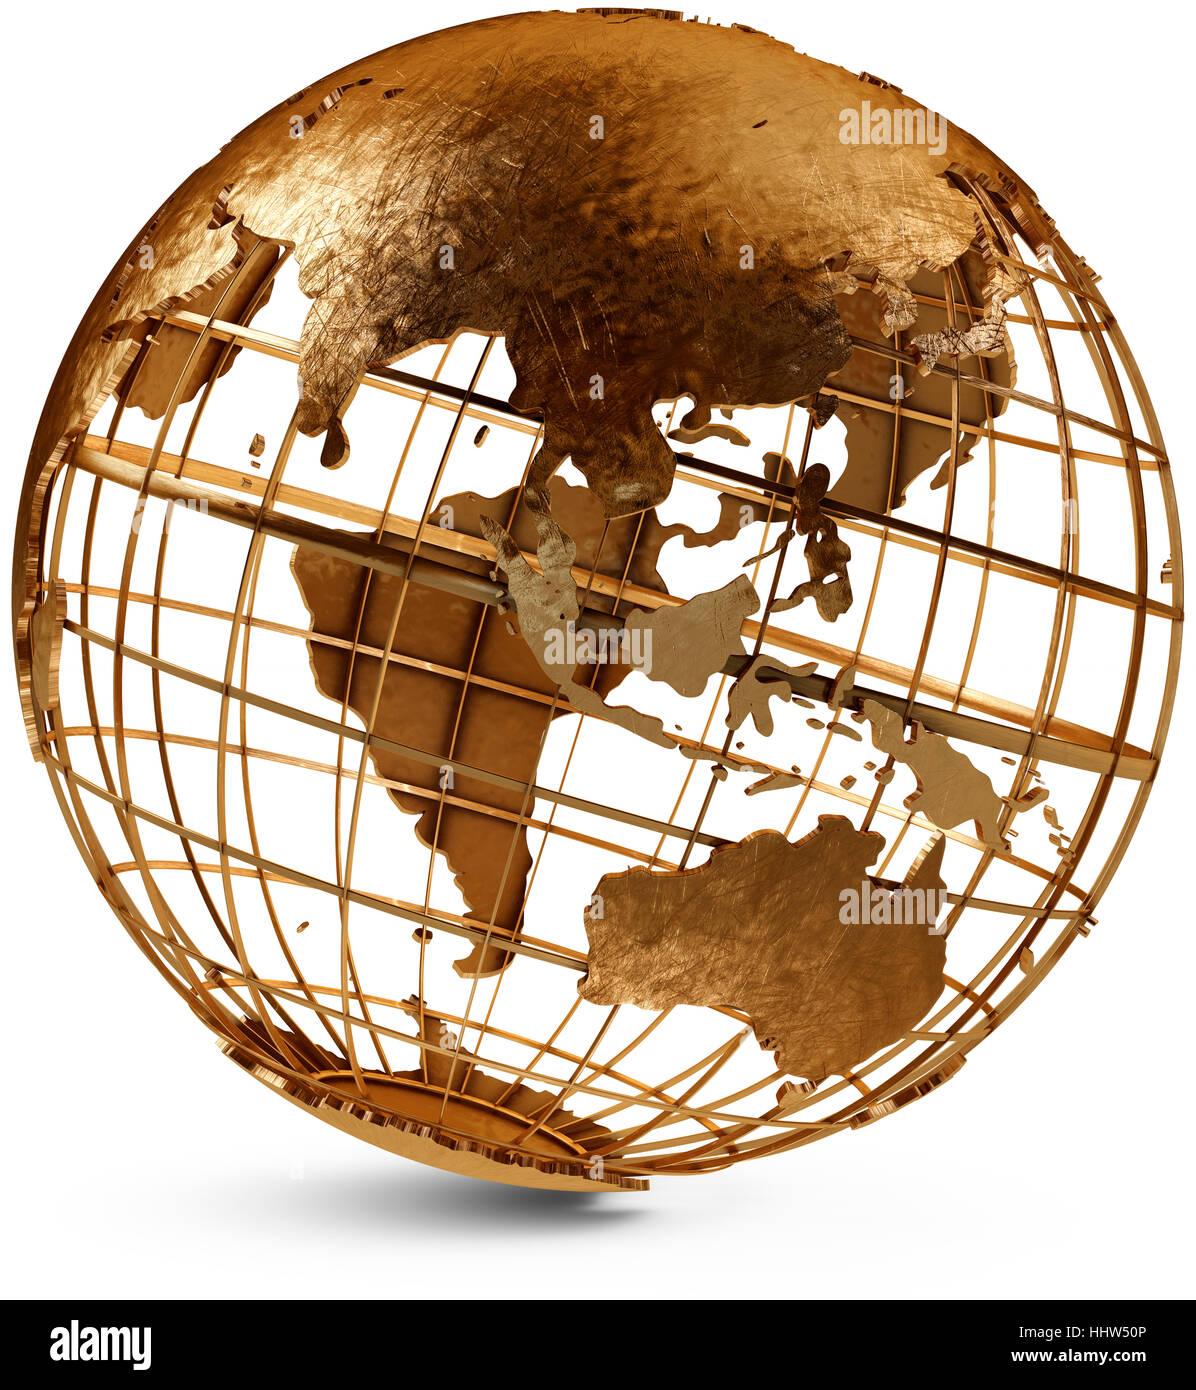 asien, australien, messing, globus, planeten, erde, welt, gold, rost